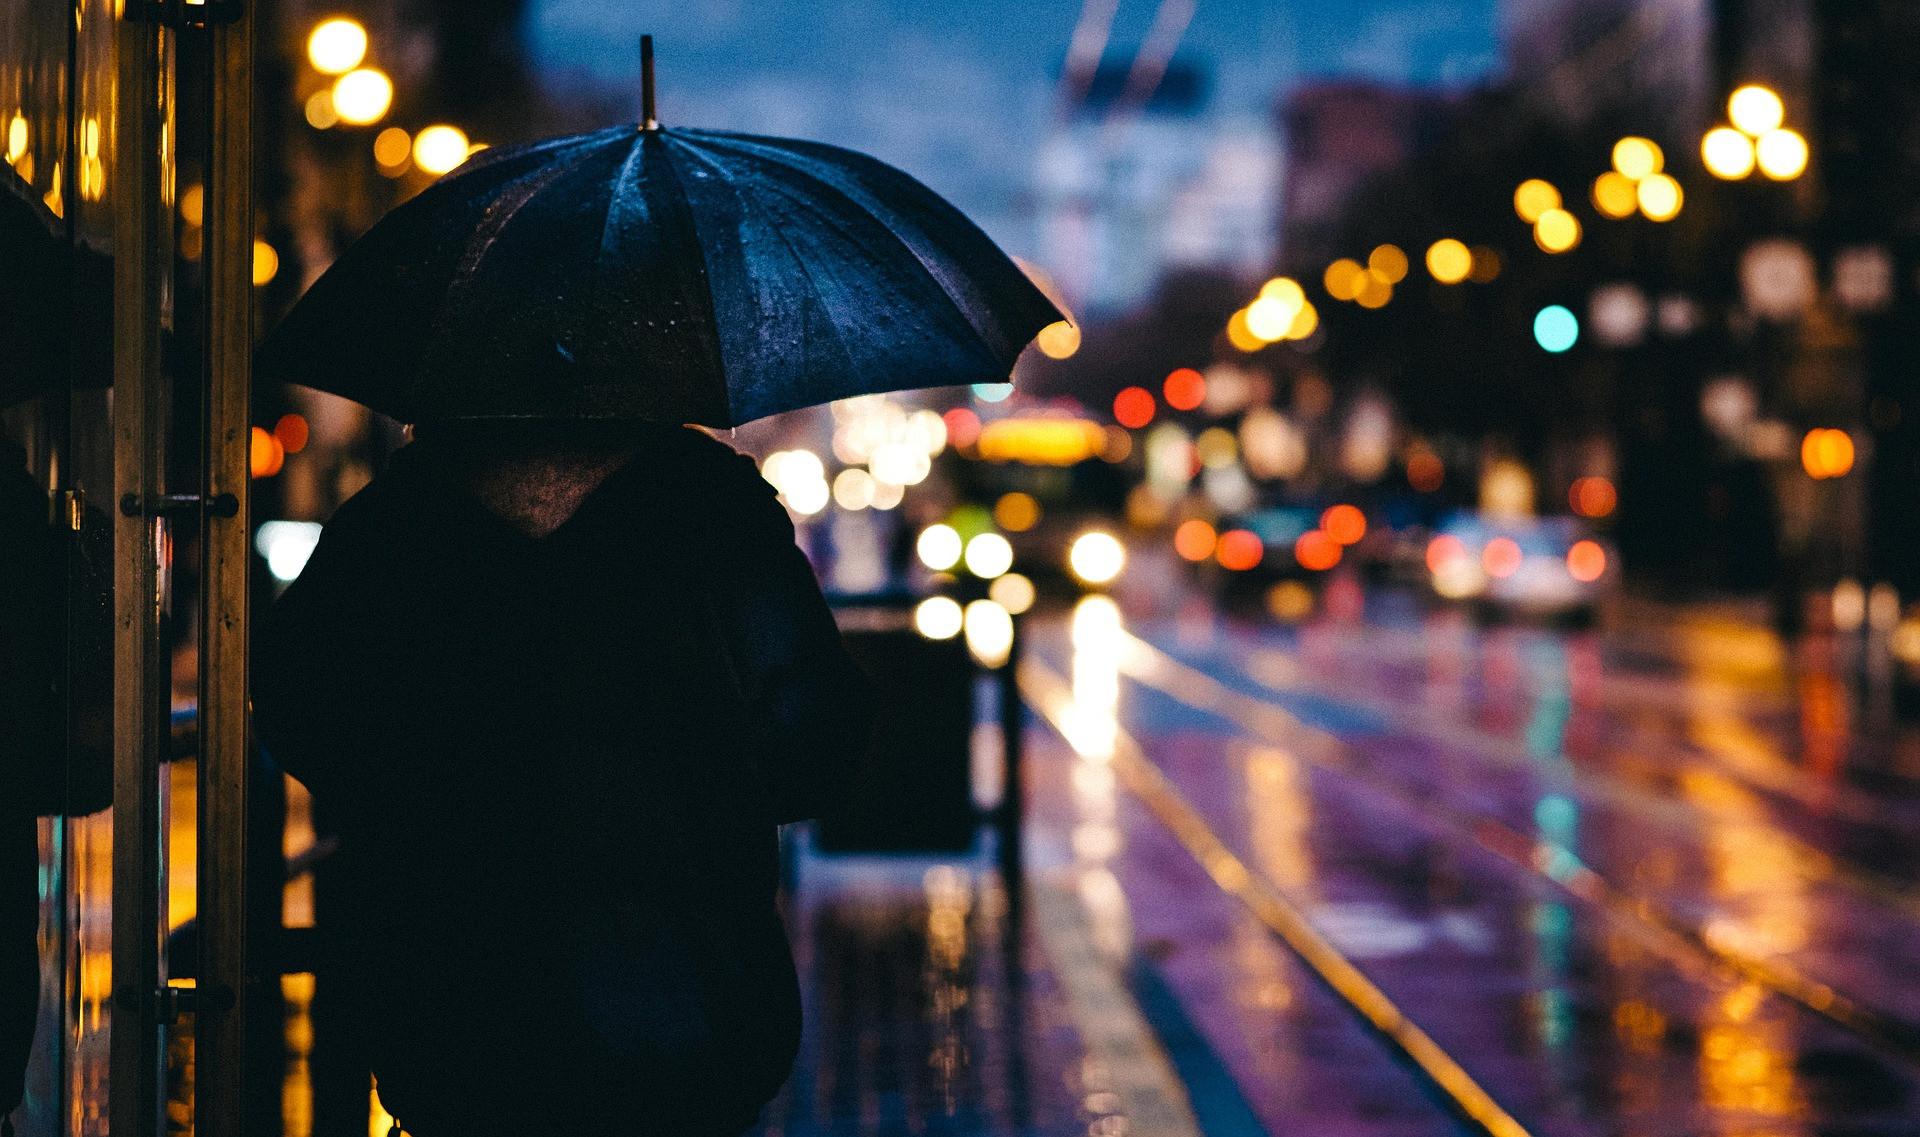 下雨潮濕英文怎麼說